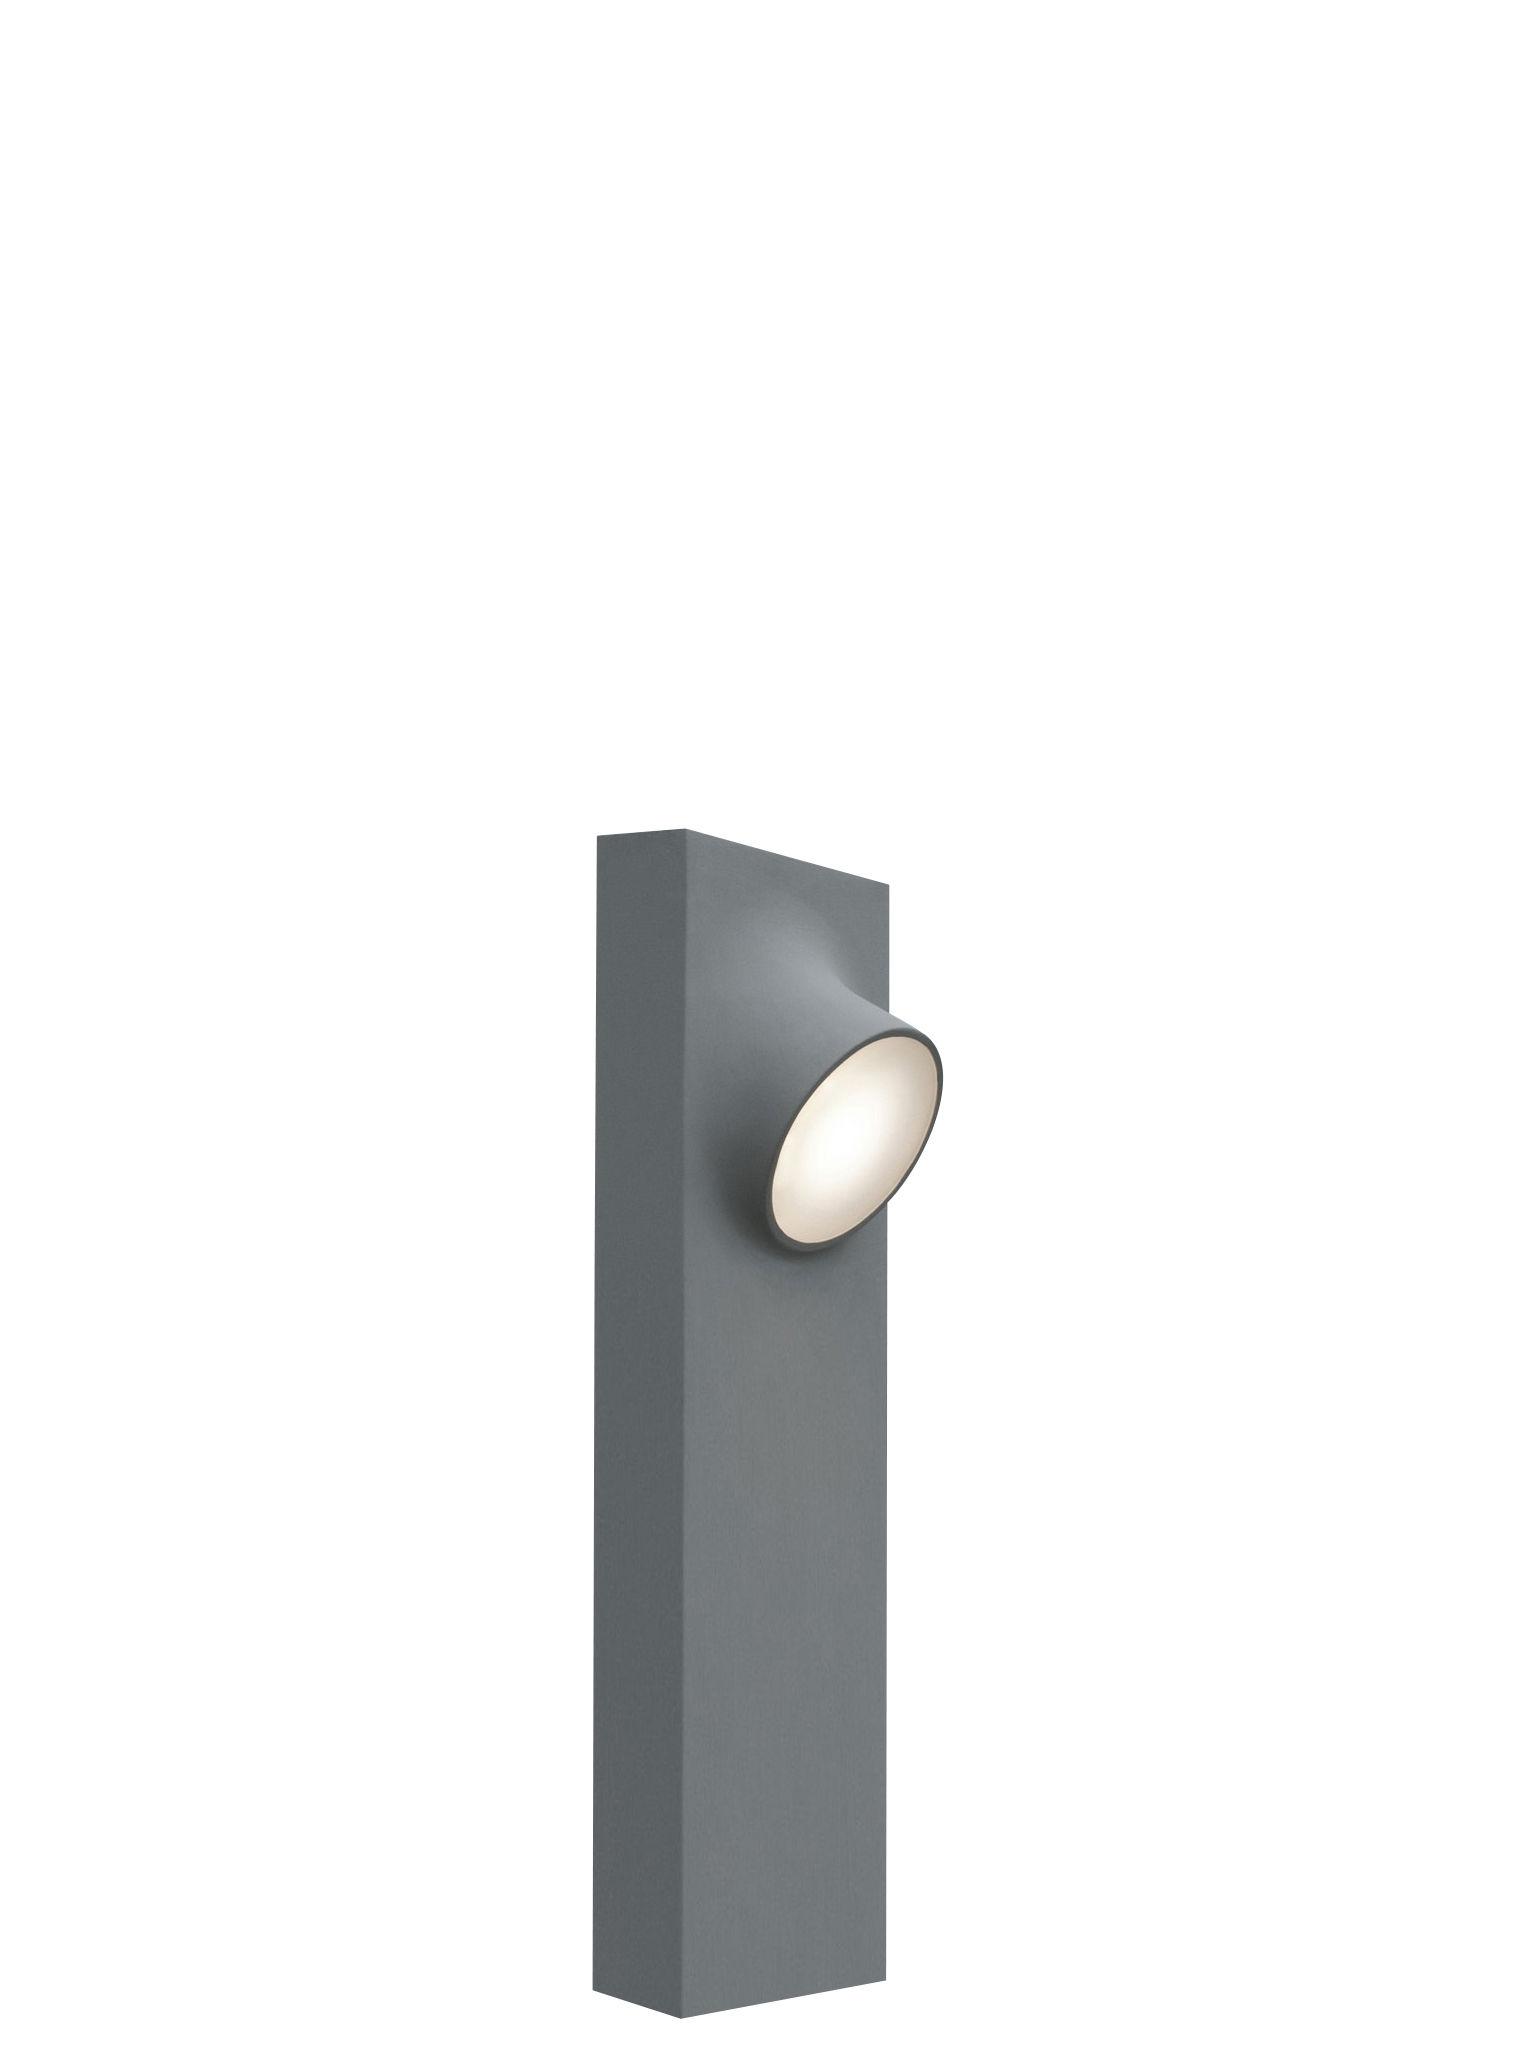 Illuminazione - Illuminazione da esterni - Lampada da pavimento Ciclope Double LED - / esterno - H 50 cm di Artemide -  - Alluminio galvanizzato